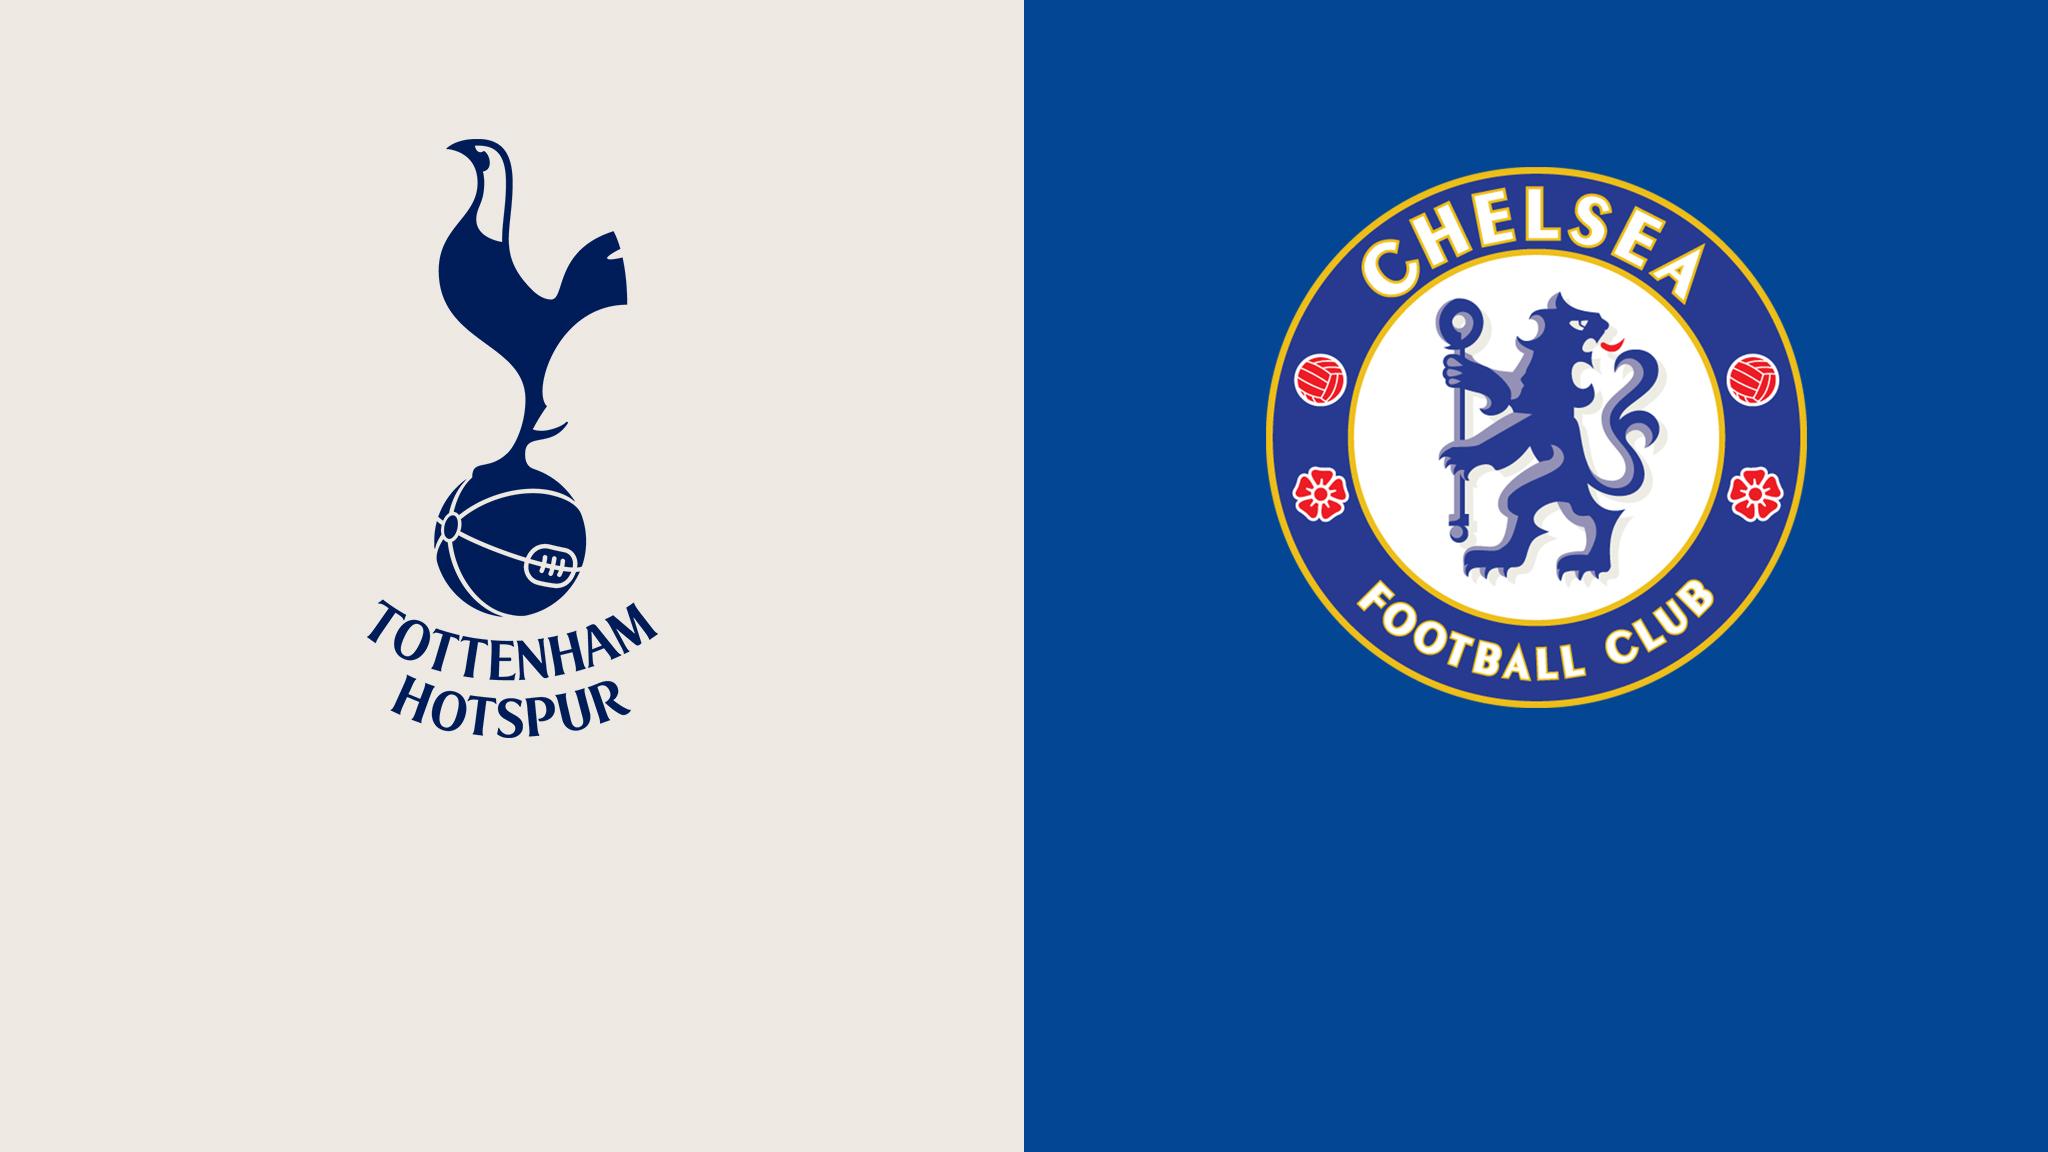 Tottenham vs Chelsea footem